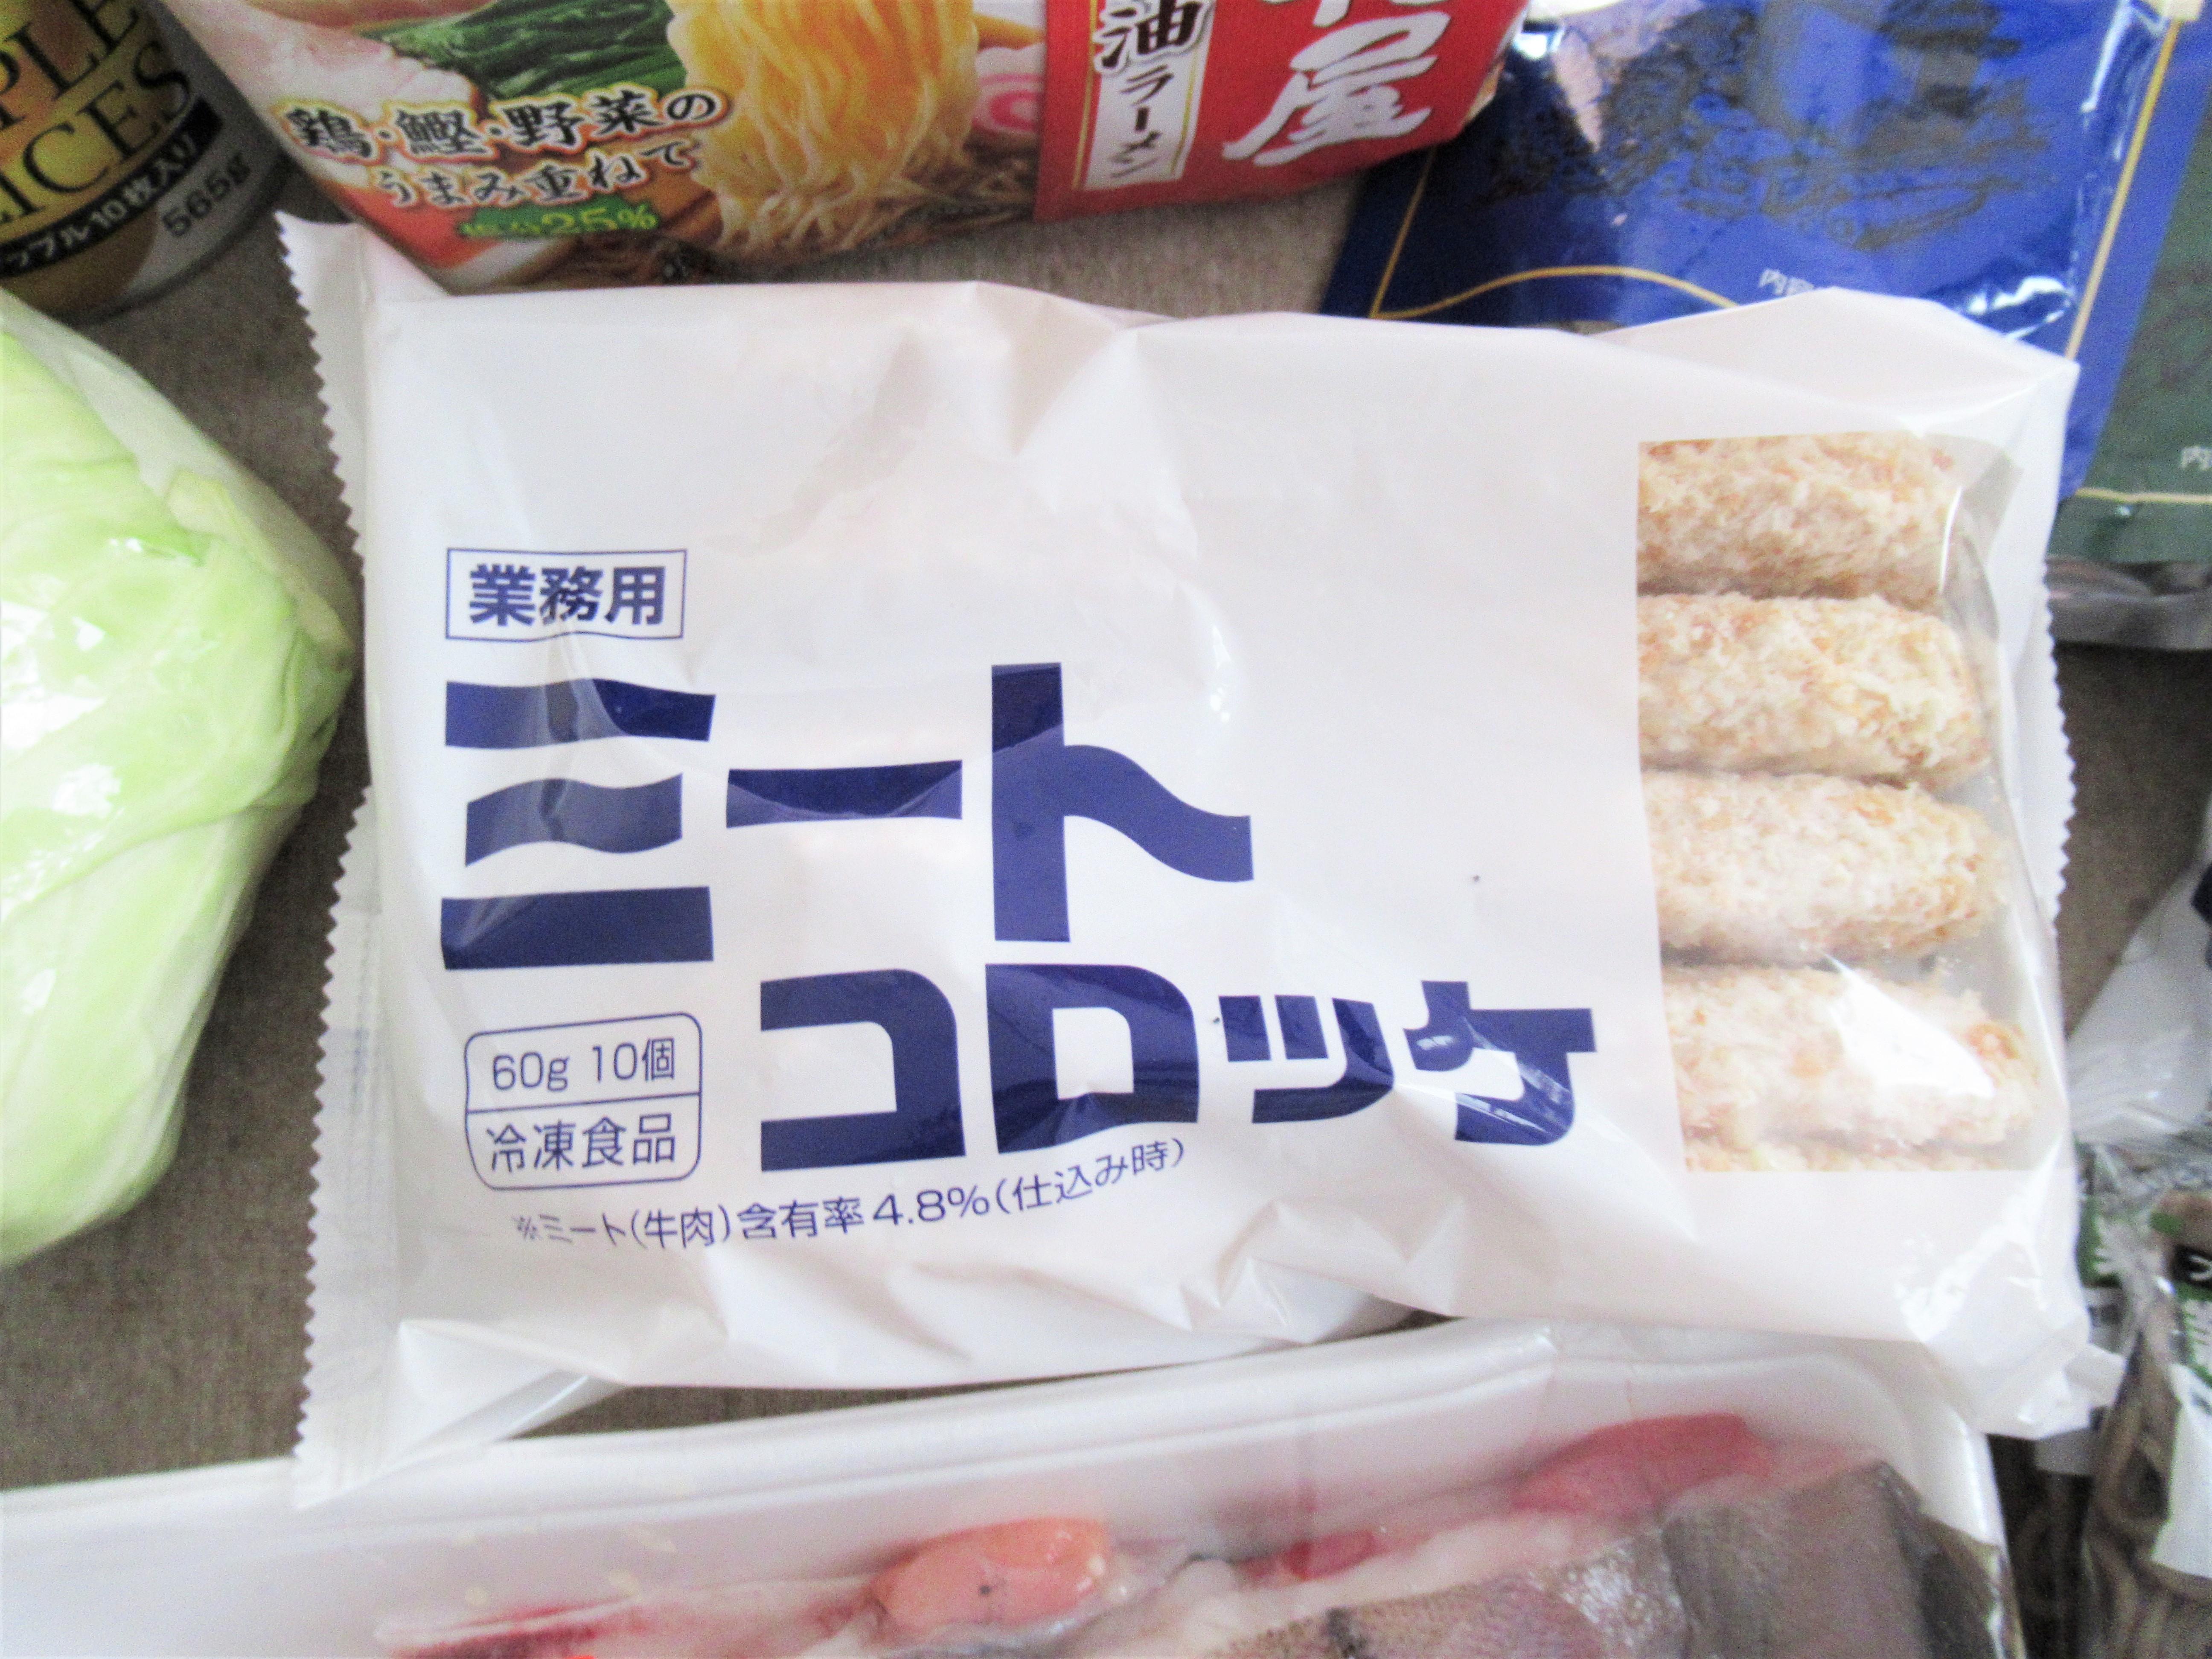 業務スーパーの冷凍食品【コロッケ】10個で185円が美味しくオススメ!ラク家事ブログ